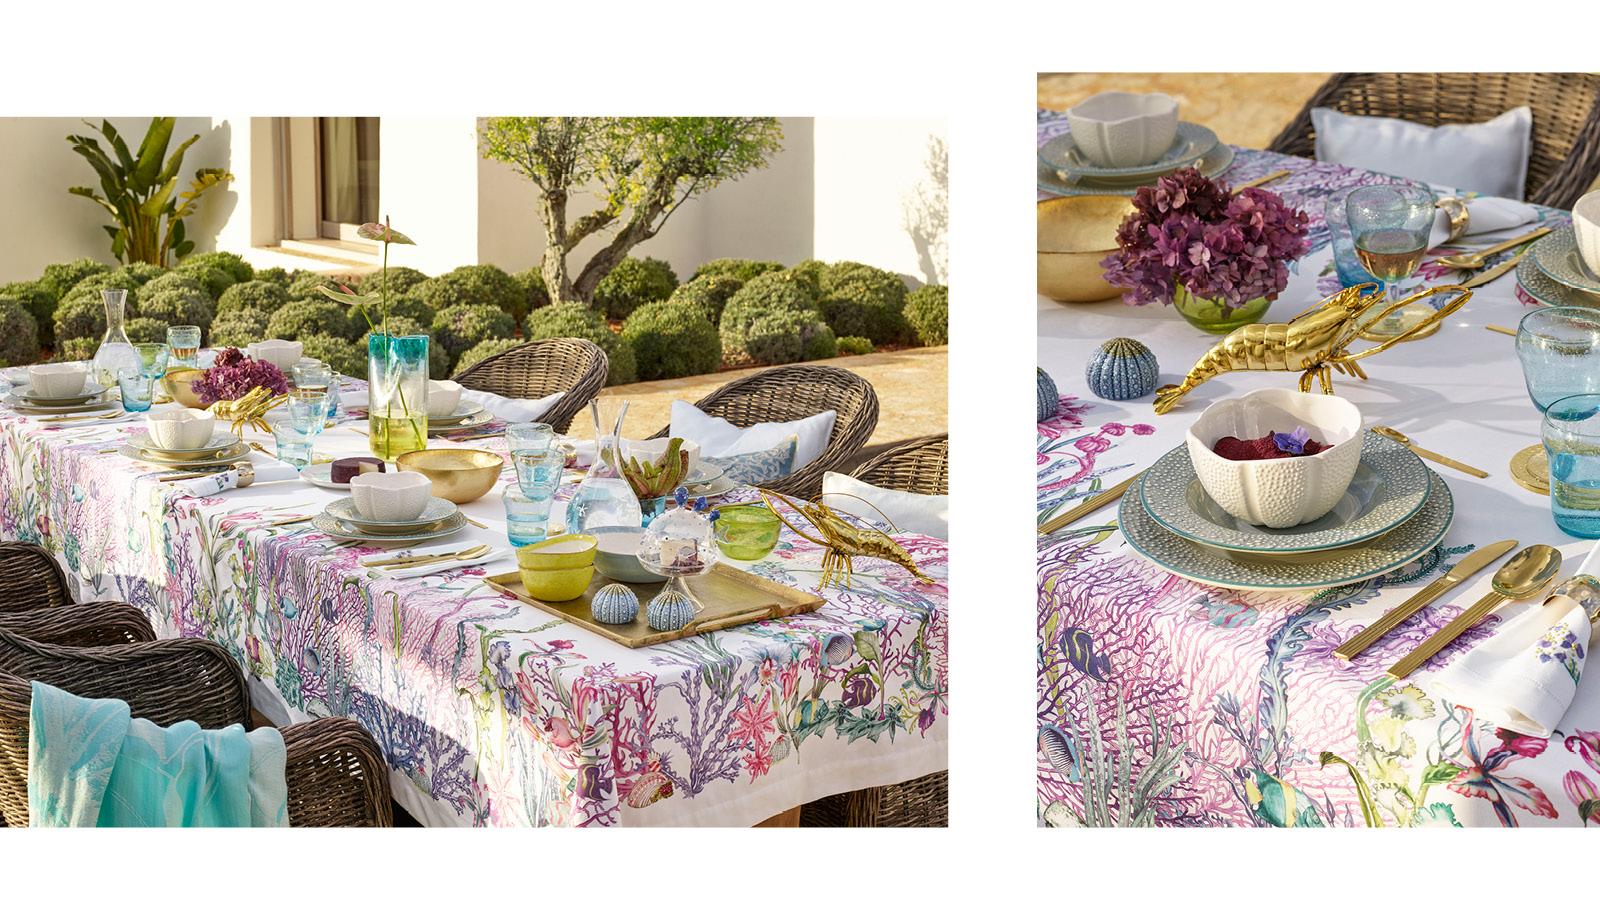 la nuova collezione biancheria per la casa zara home p/e 2017 - Arredamento Casa Zara Home